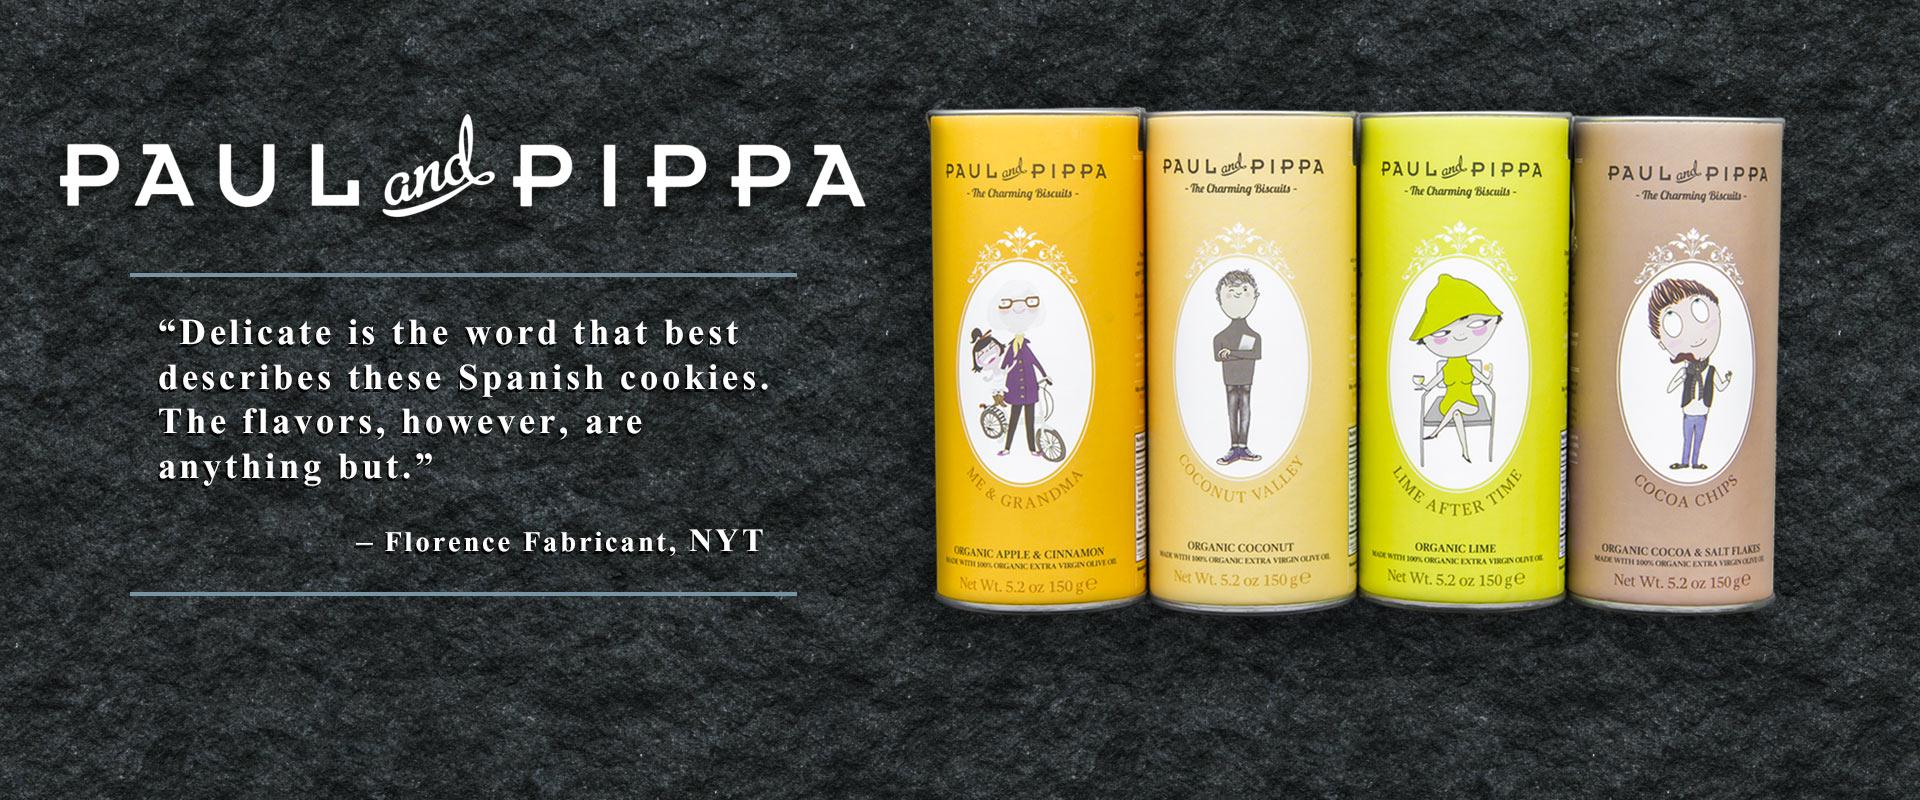 Paul & Pippa Cookies